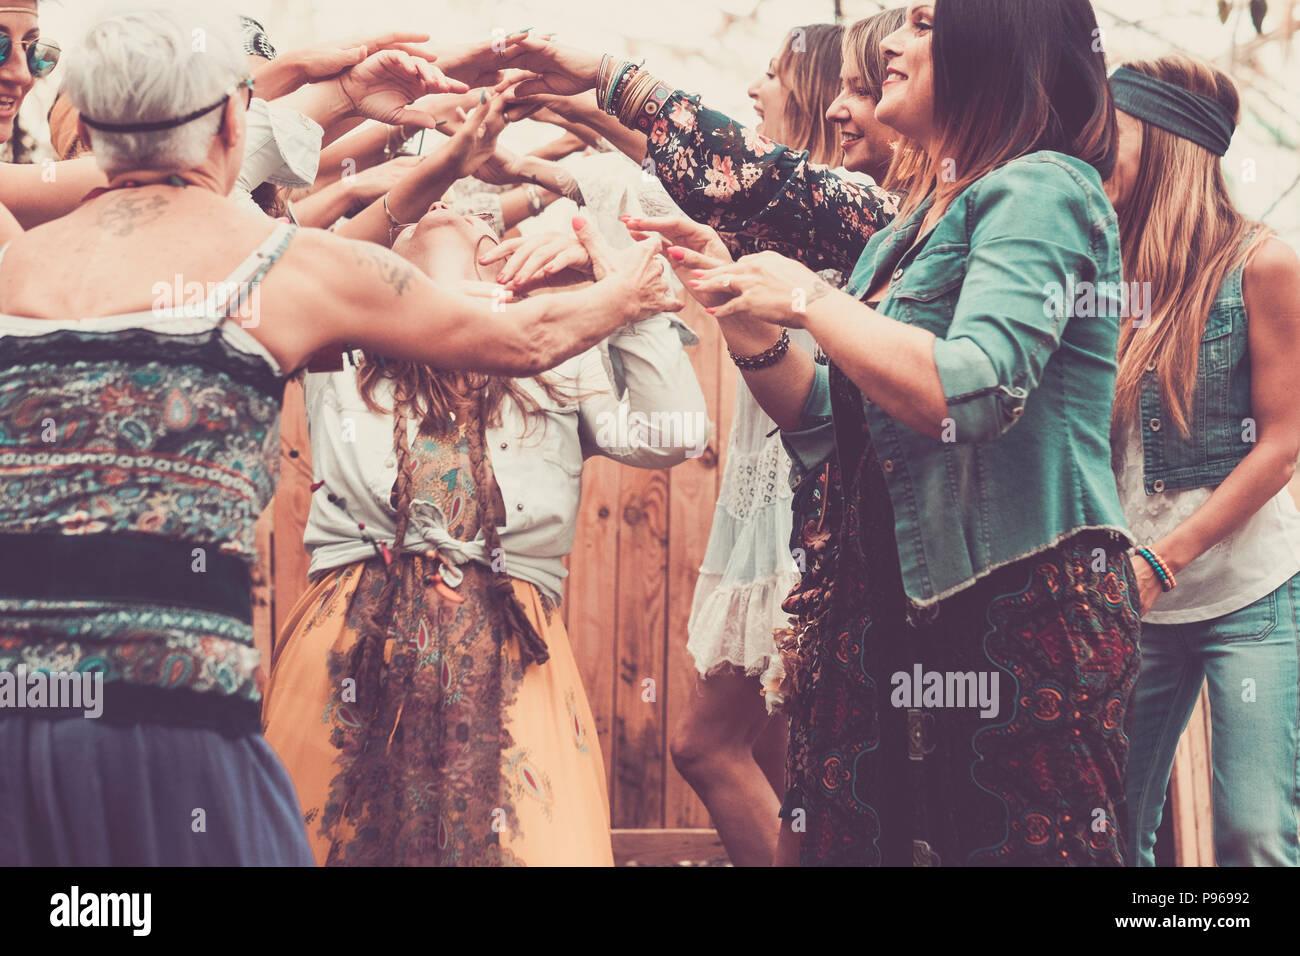 Groupe d'alternative libre et rebelle style hippie jeunes femmes ensemble danse et célébrer avec joie et bonheur dans un lieu naturel et intérieur outd Photo Stock